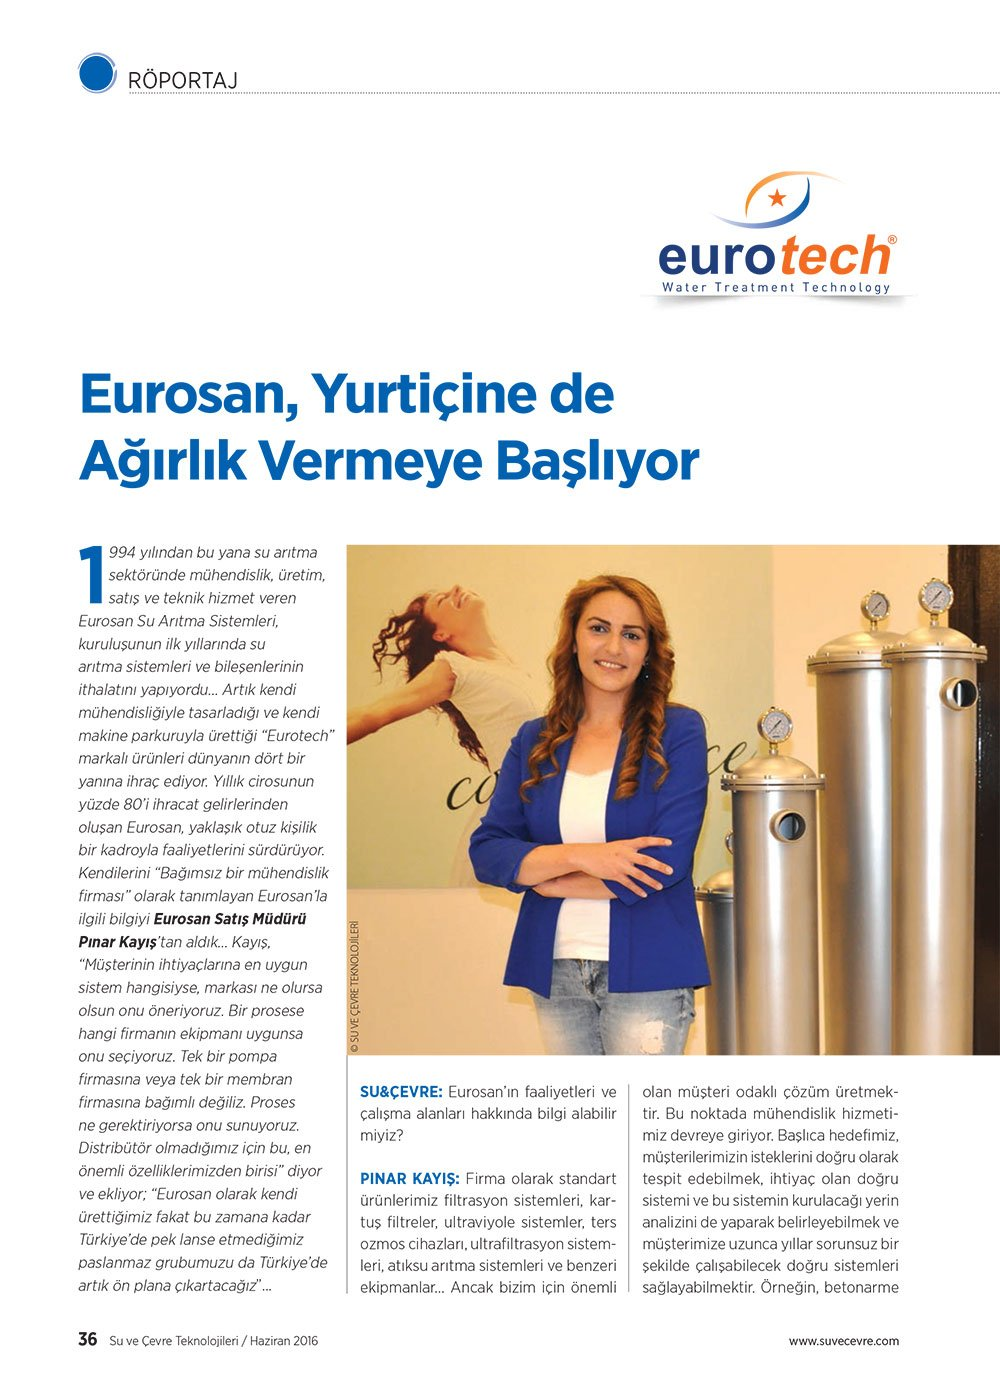 Eurosan Yurtiçine de Ağırlık vermeye başlıyor